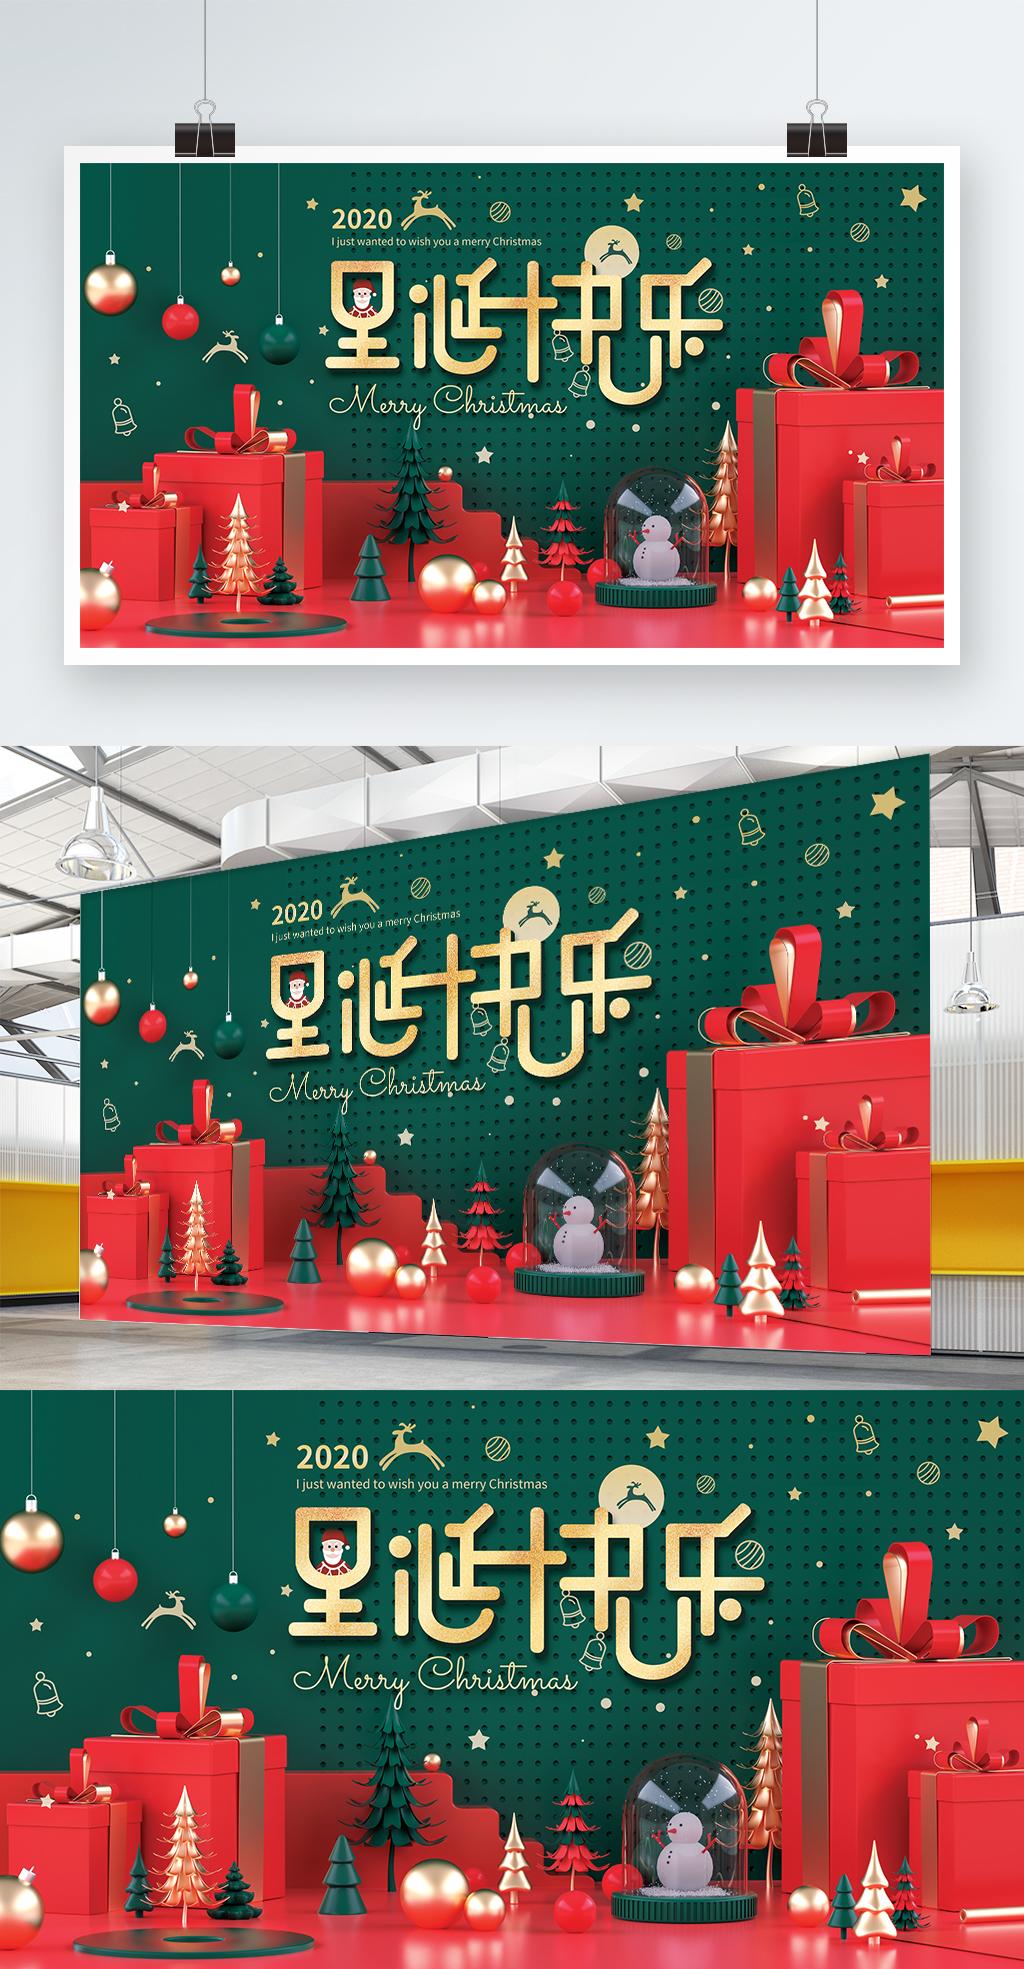 c4d场景圣诞快乐展架圣诞字体设计